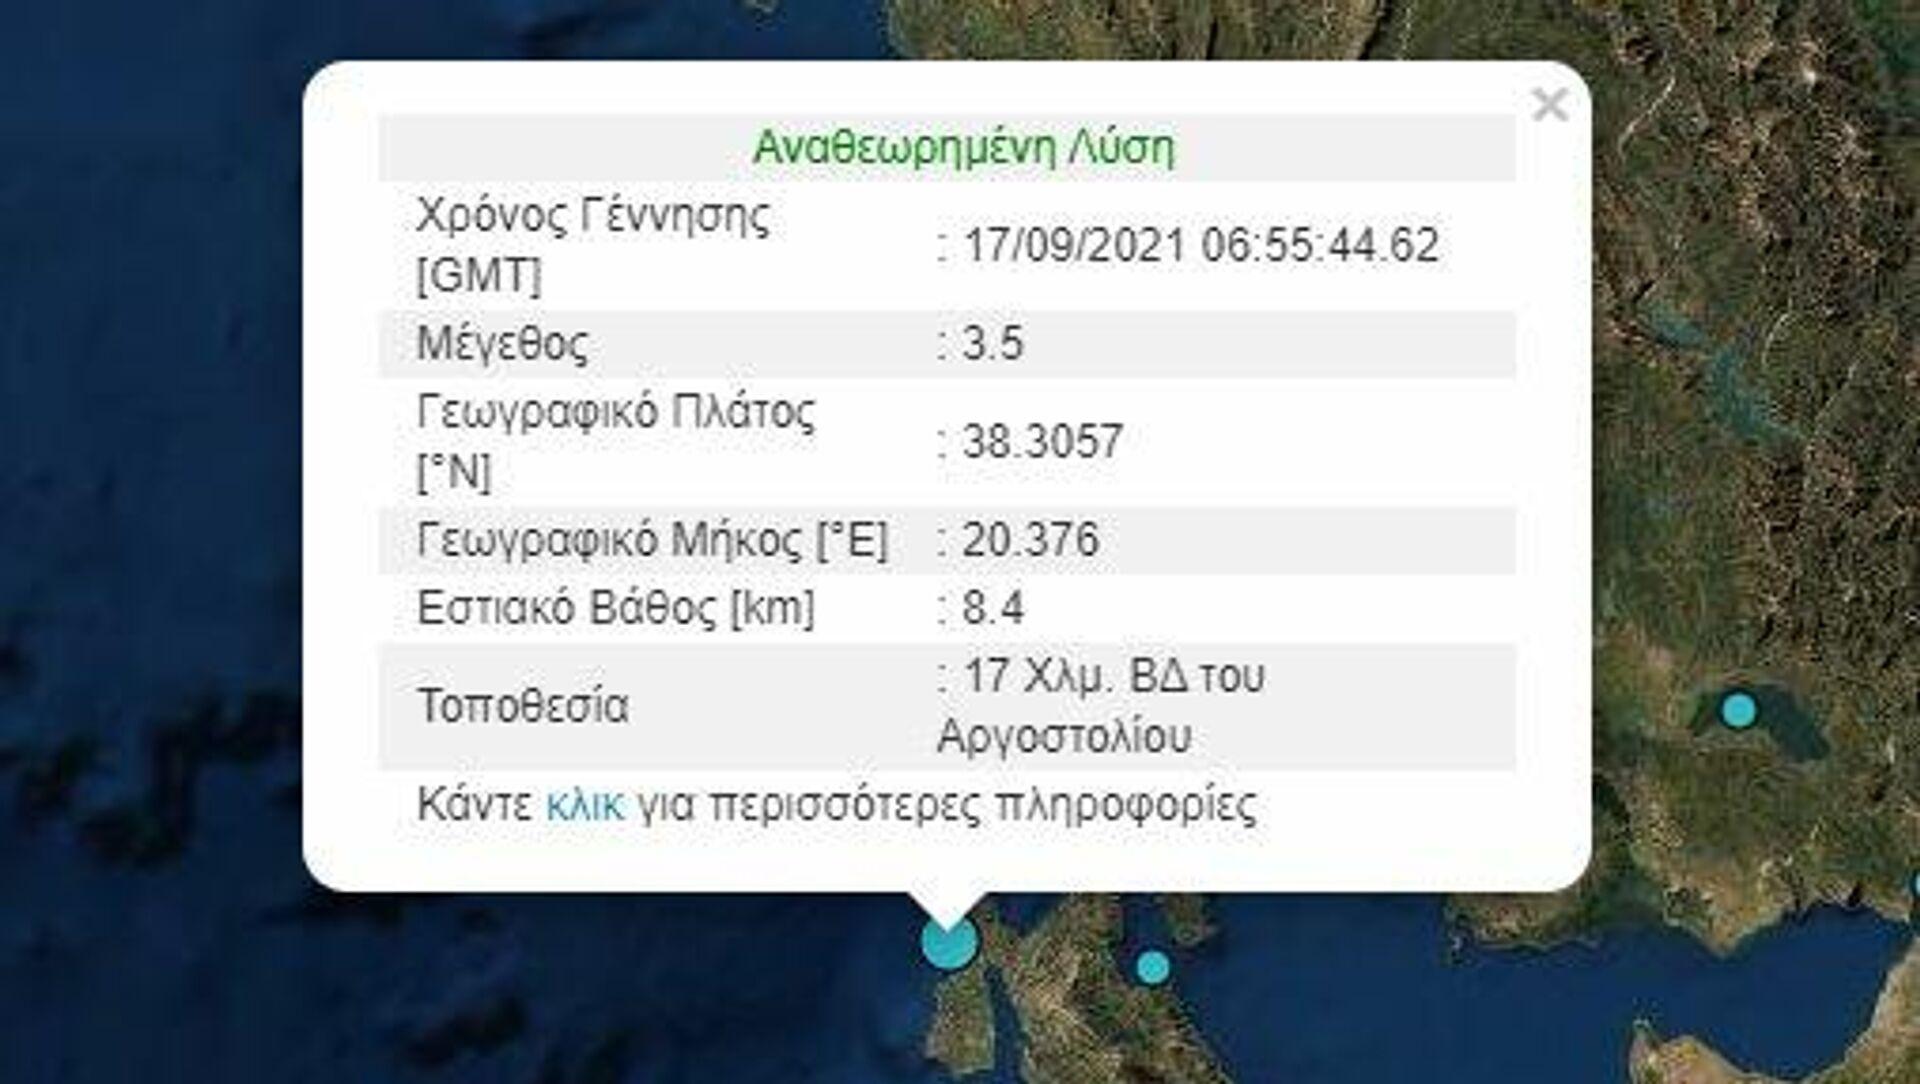 Σεισμός στην Κεφαλονιά - Sputnik Ελλάδα, 1920, 17.09.2021